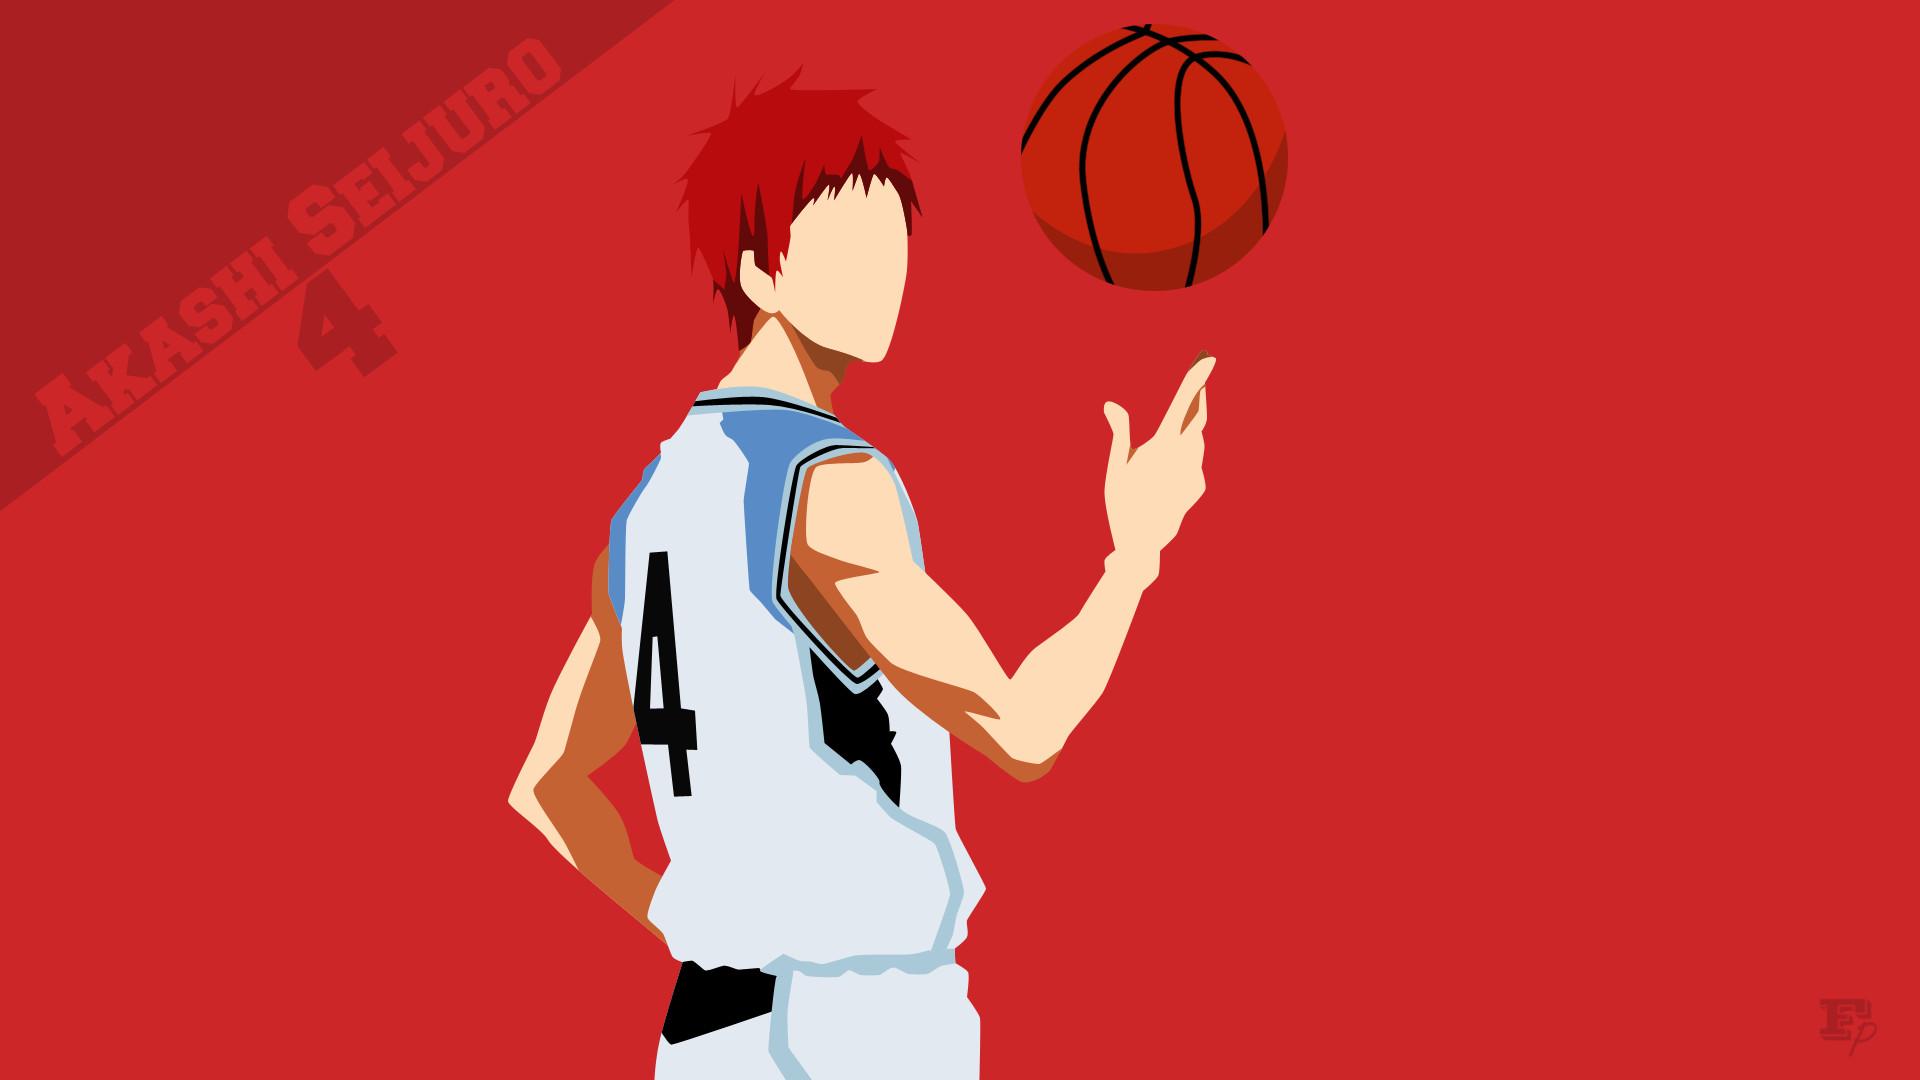 Res: 1920x1080, ... Kuroko no Basket: Akashi Seijuro Minimalist by MrRobotboy